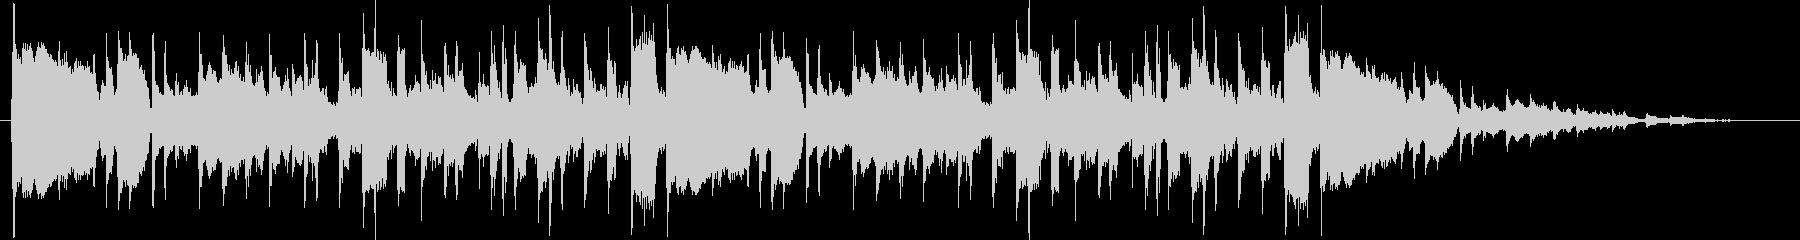 1970年代初期のプログレロックの未再生の波形